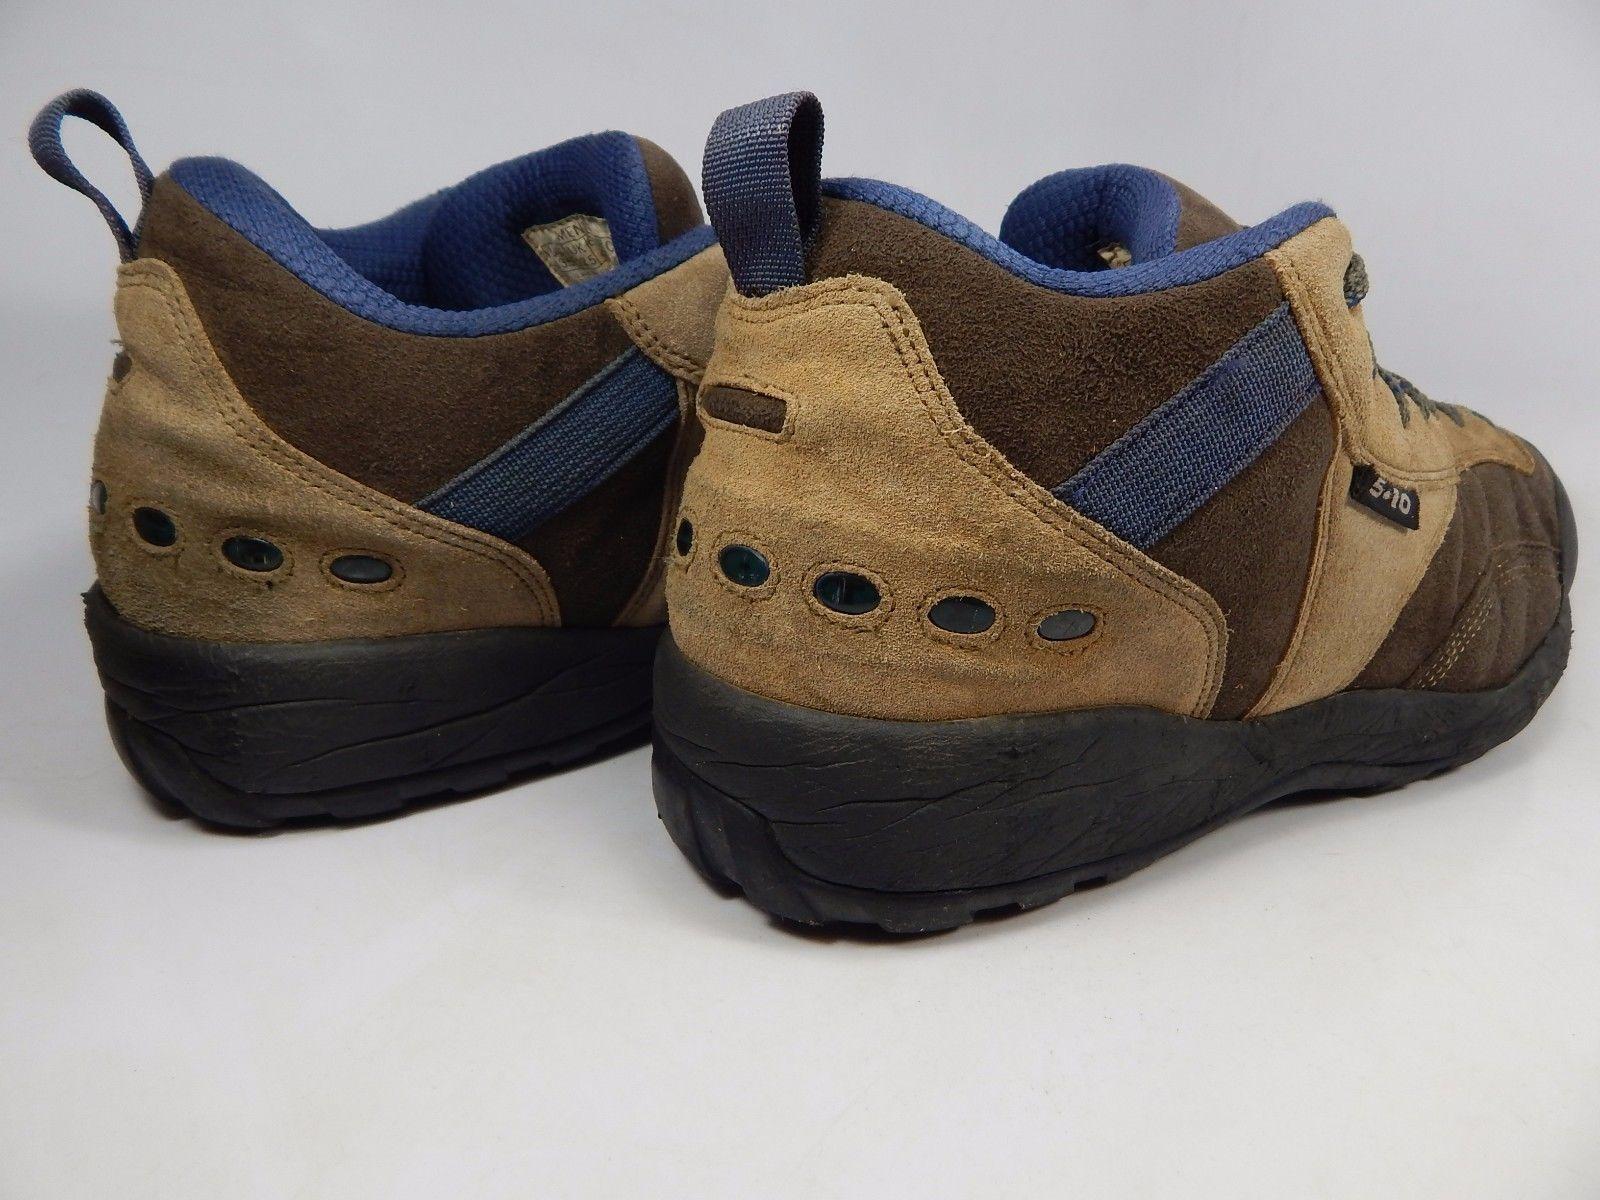 Five Ten 5.10 Men's Leather Hiking Shoes Size US 13.5 M (D) EU 48 Brown Blue